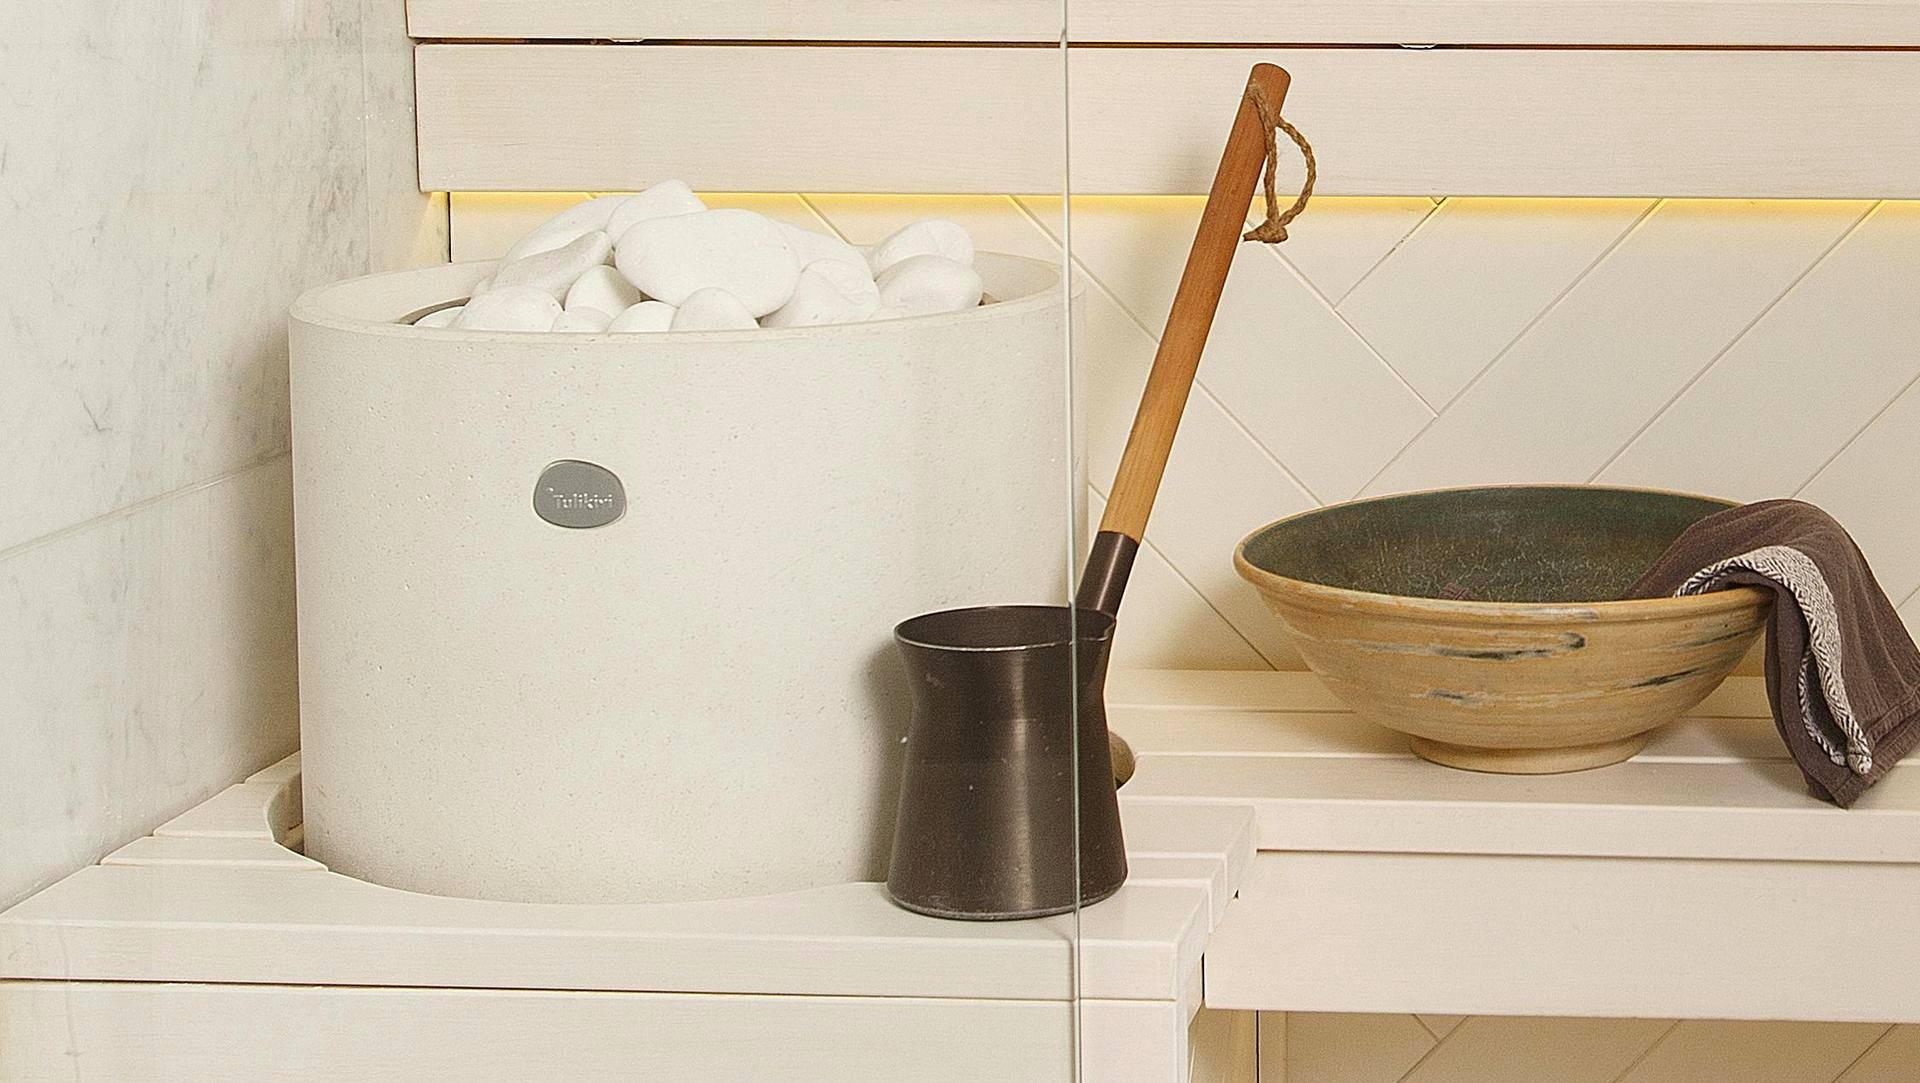 Minisauna on täysin valkoinen ja siksi ilmavan ja raikkaan oloinen. Ikkuna lauteiden yläpuolella on olohuoneeseen.